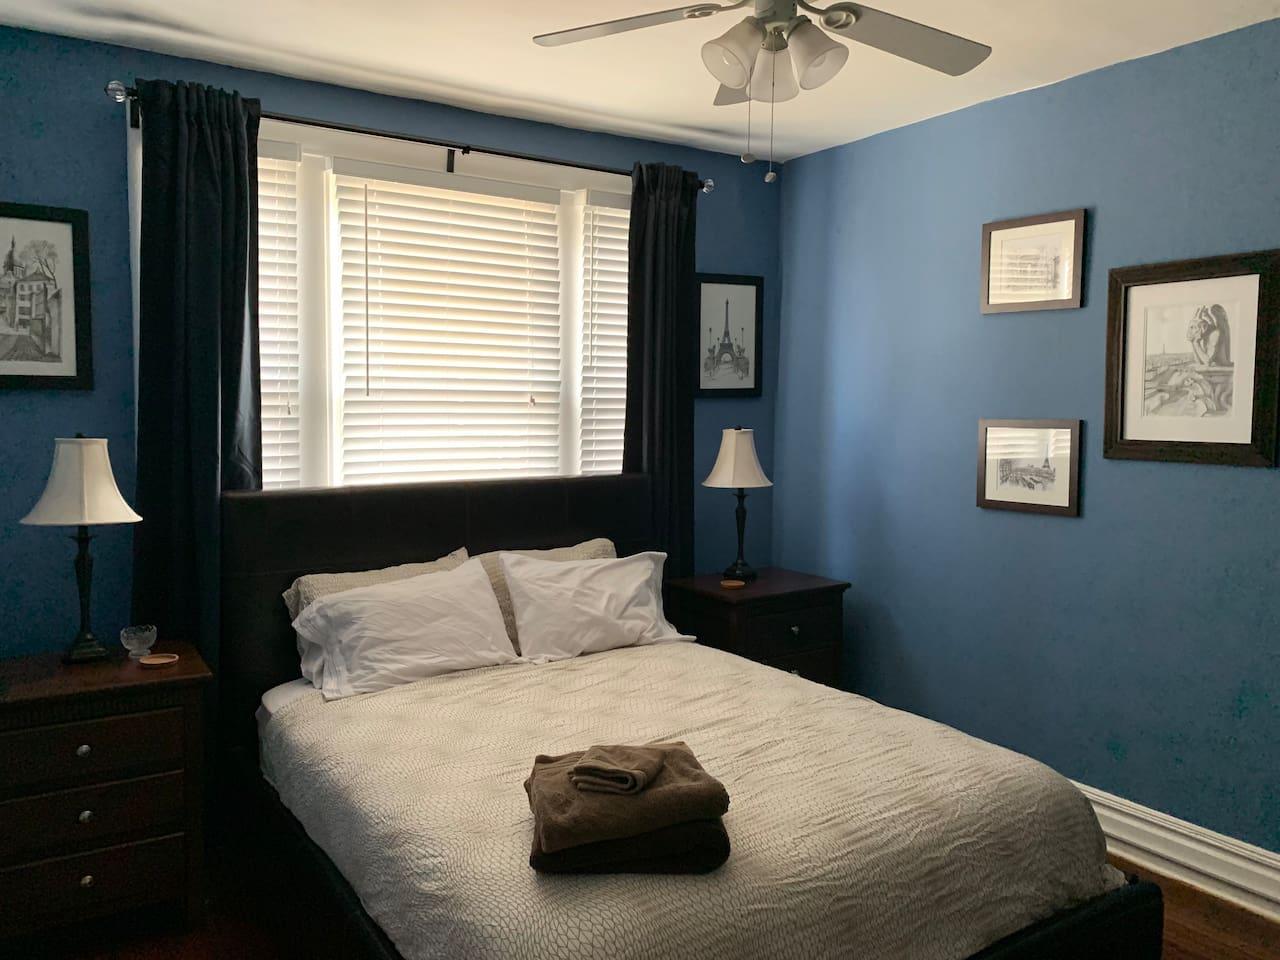 Blue bedroom has queen size bed, dresser, nightstands and closet